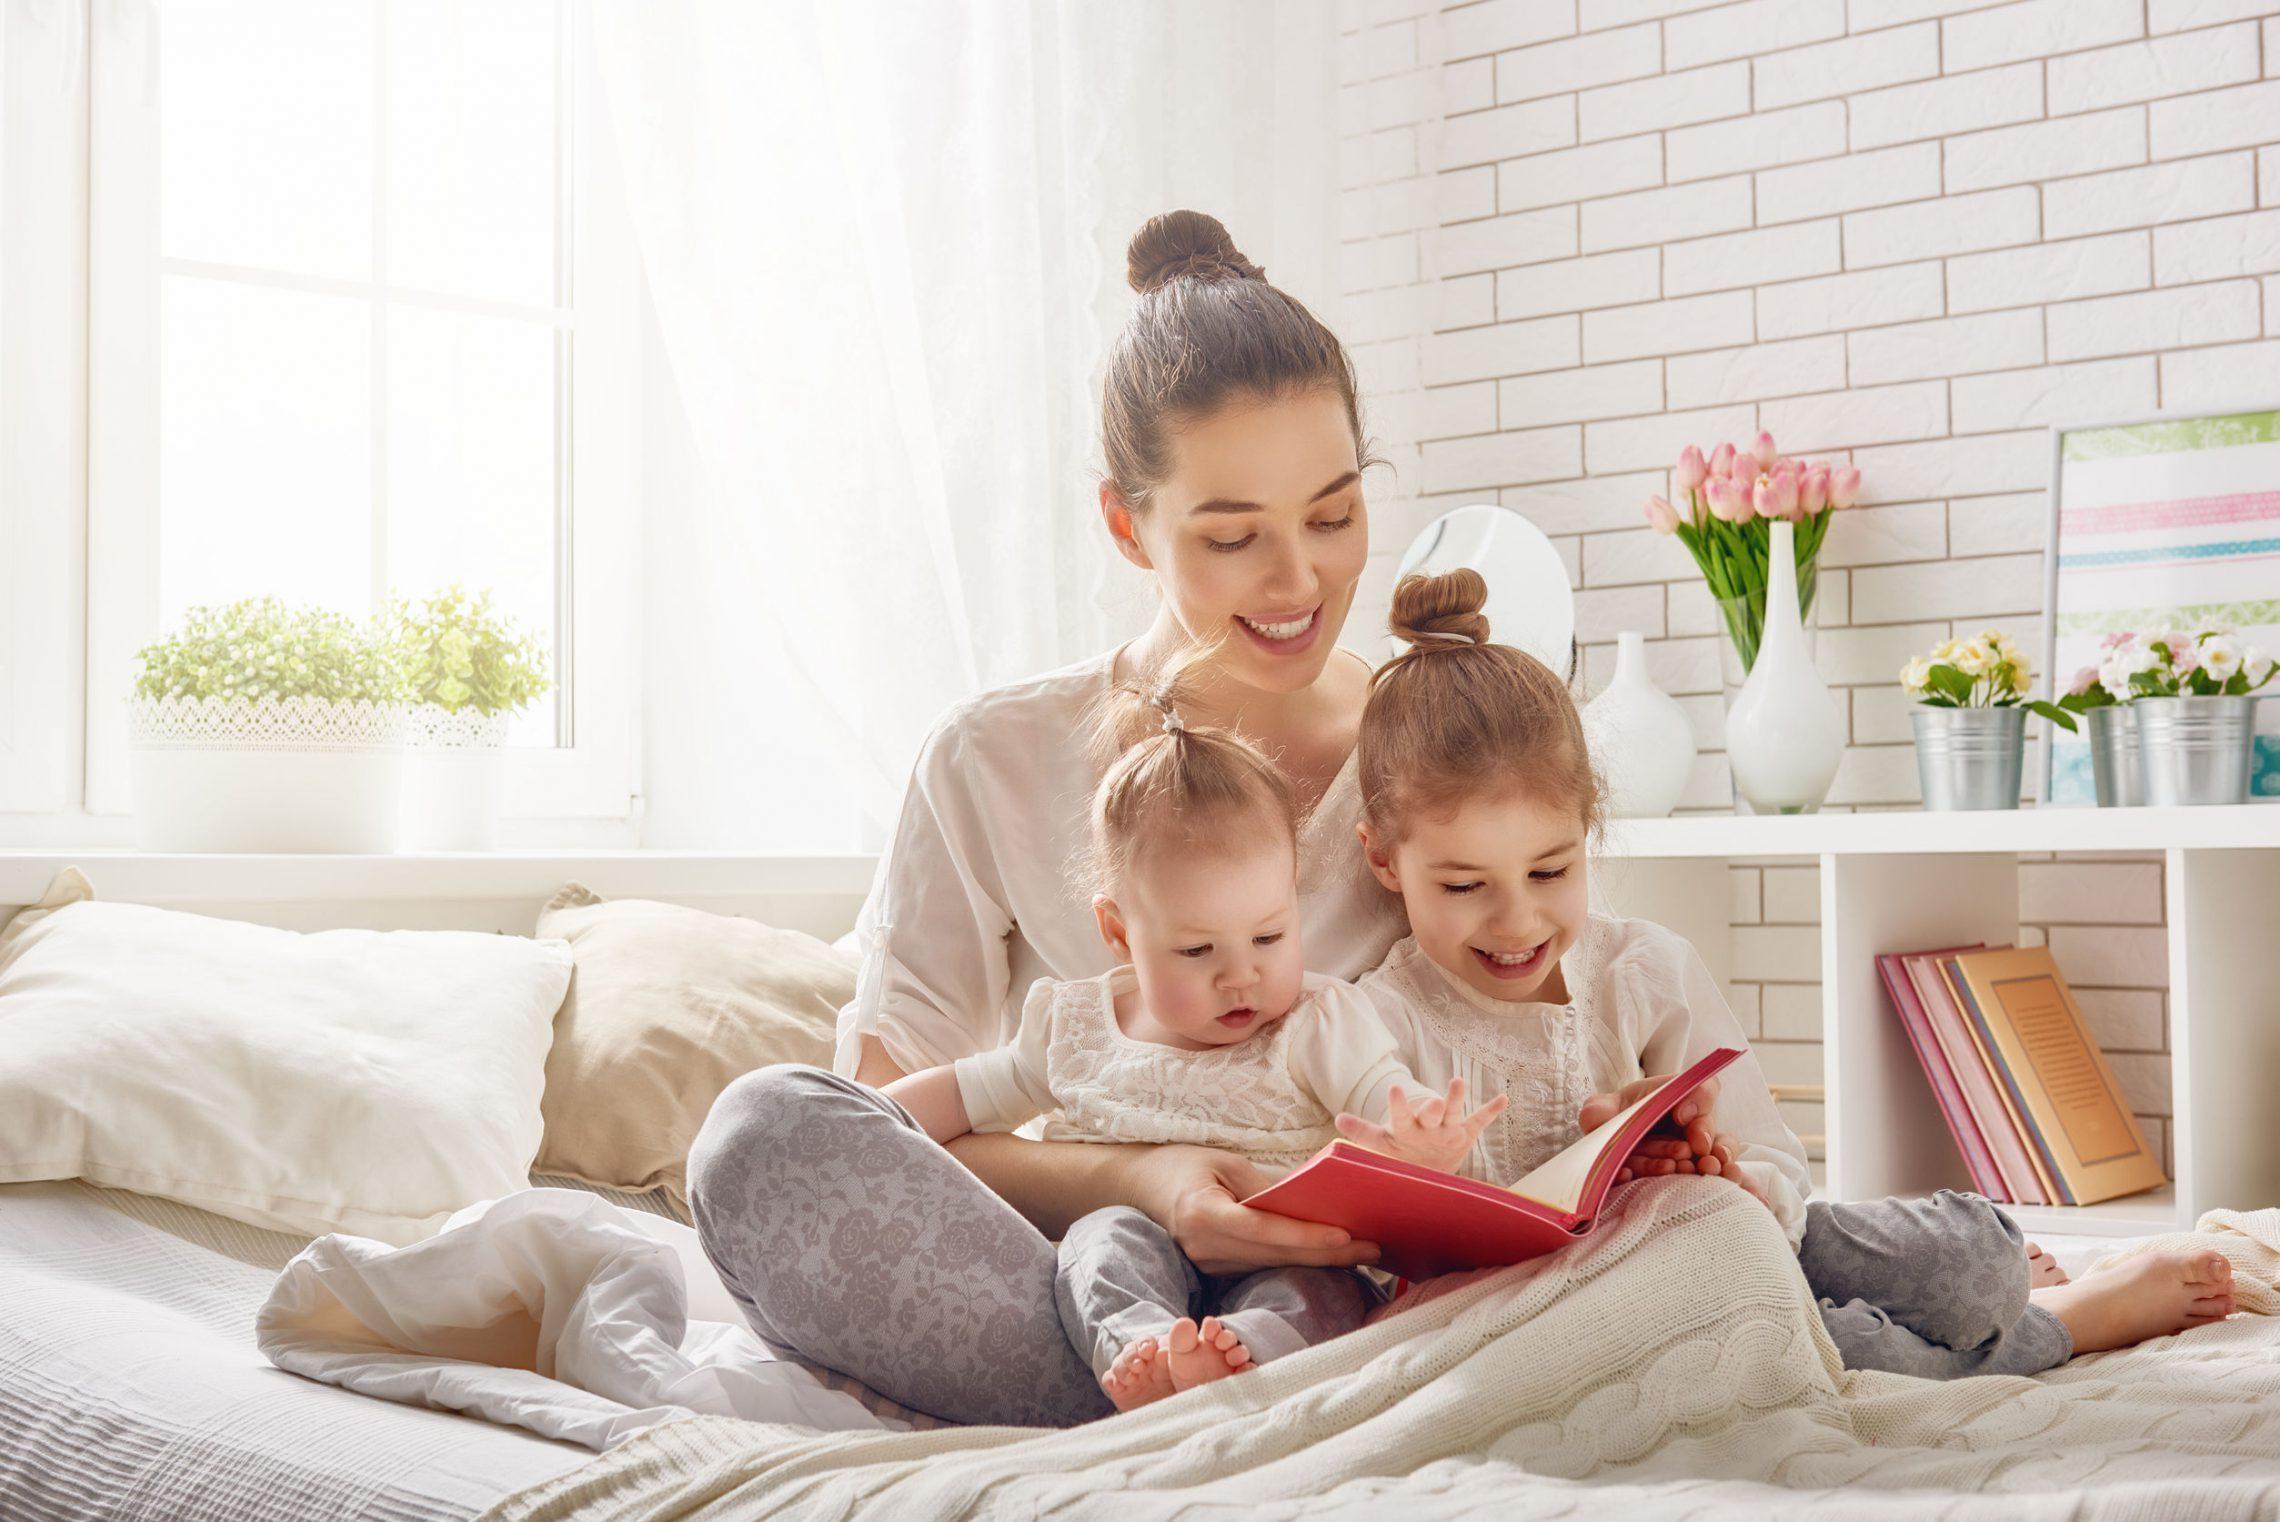 Poczytaj mi, mamo: dlaczego powinniśmy czytać dzieciom?